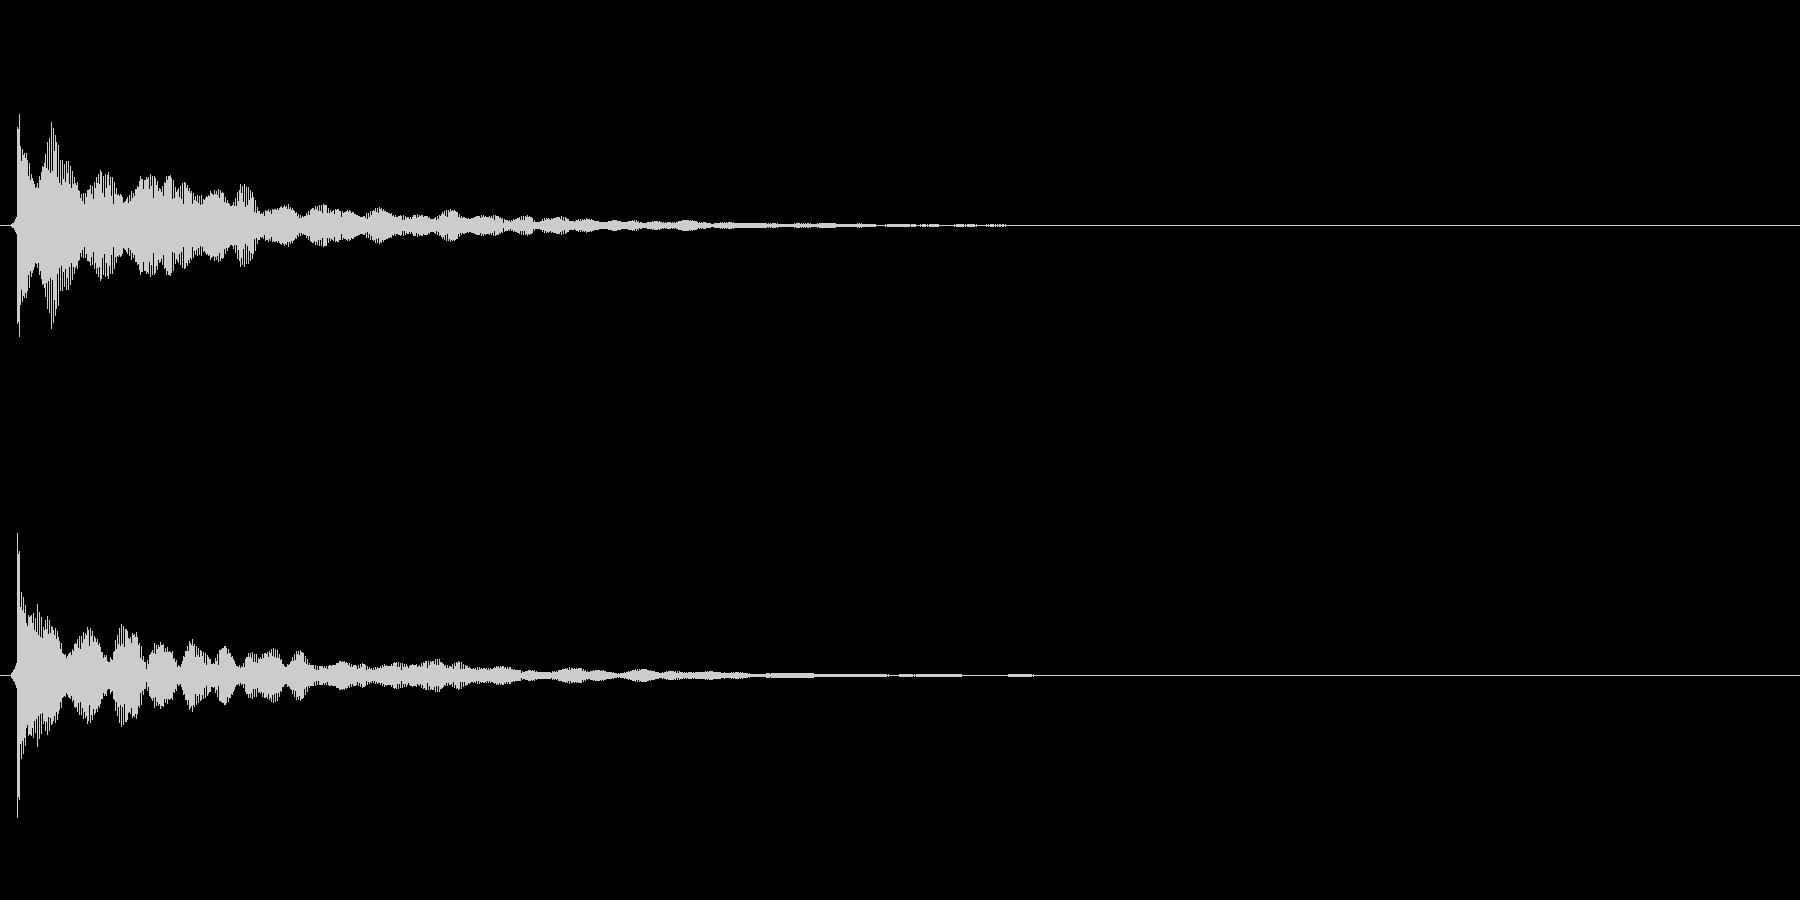 キラキラ系_091の未再生の波形